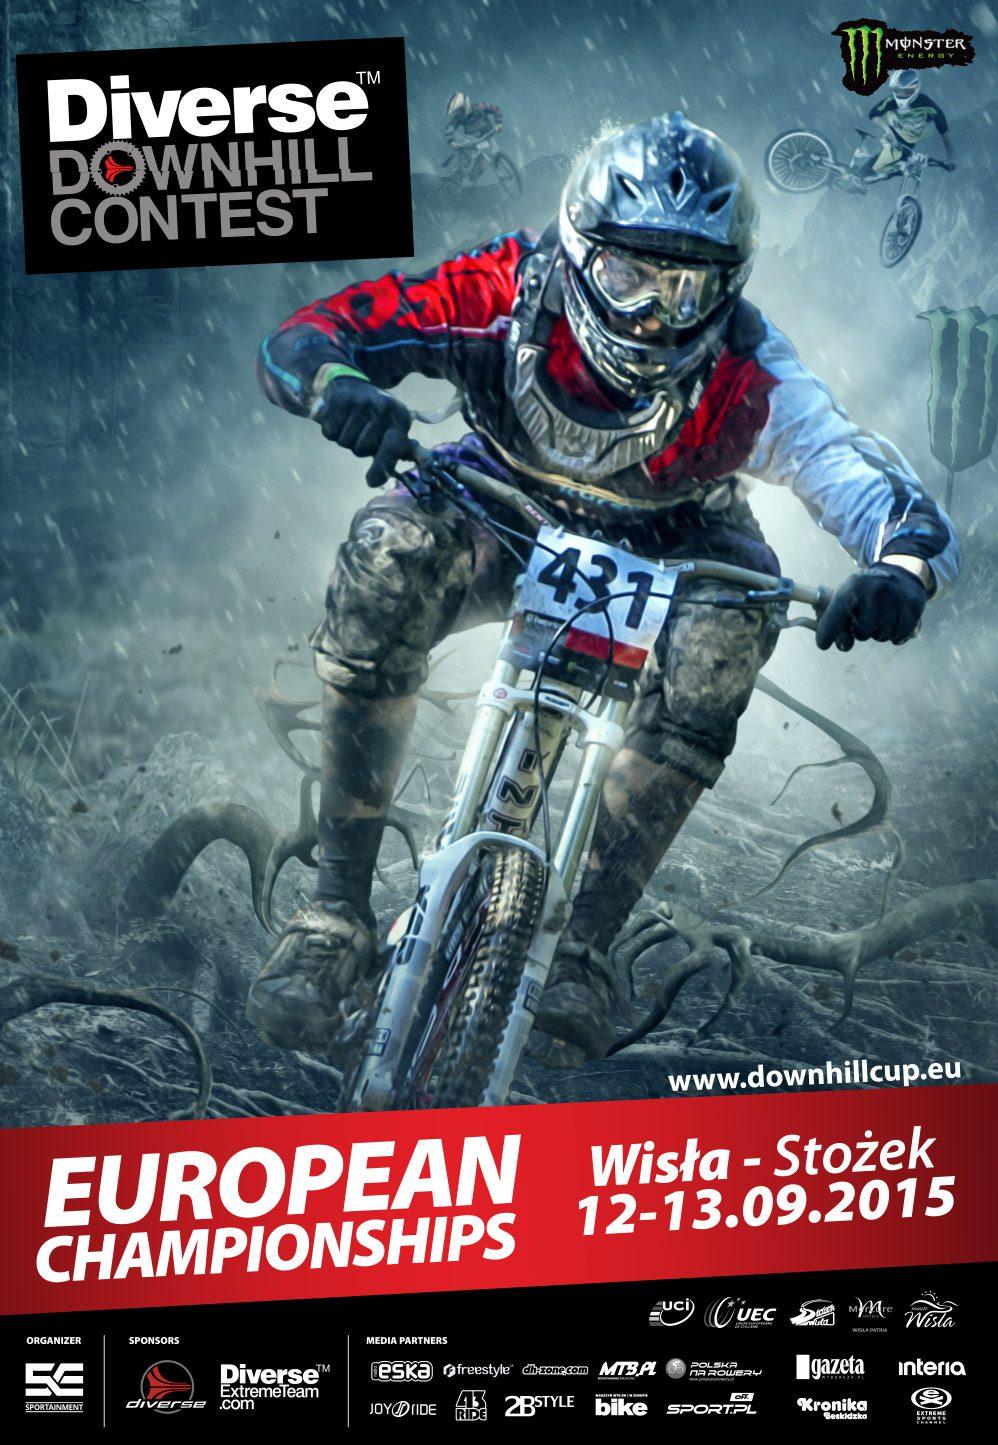 Mistrzostwa Europy w zjeździe na rowerach: Diverse Downhill Contest - video zapowiedź